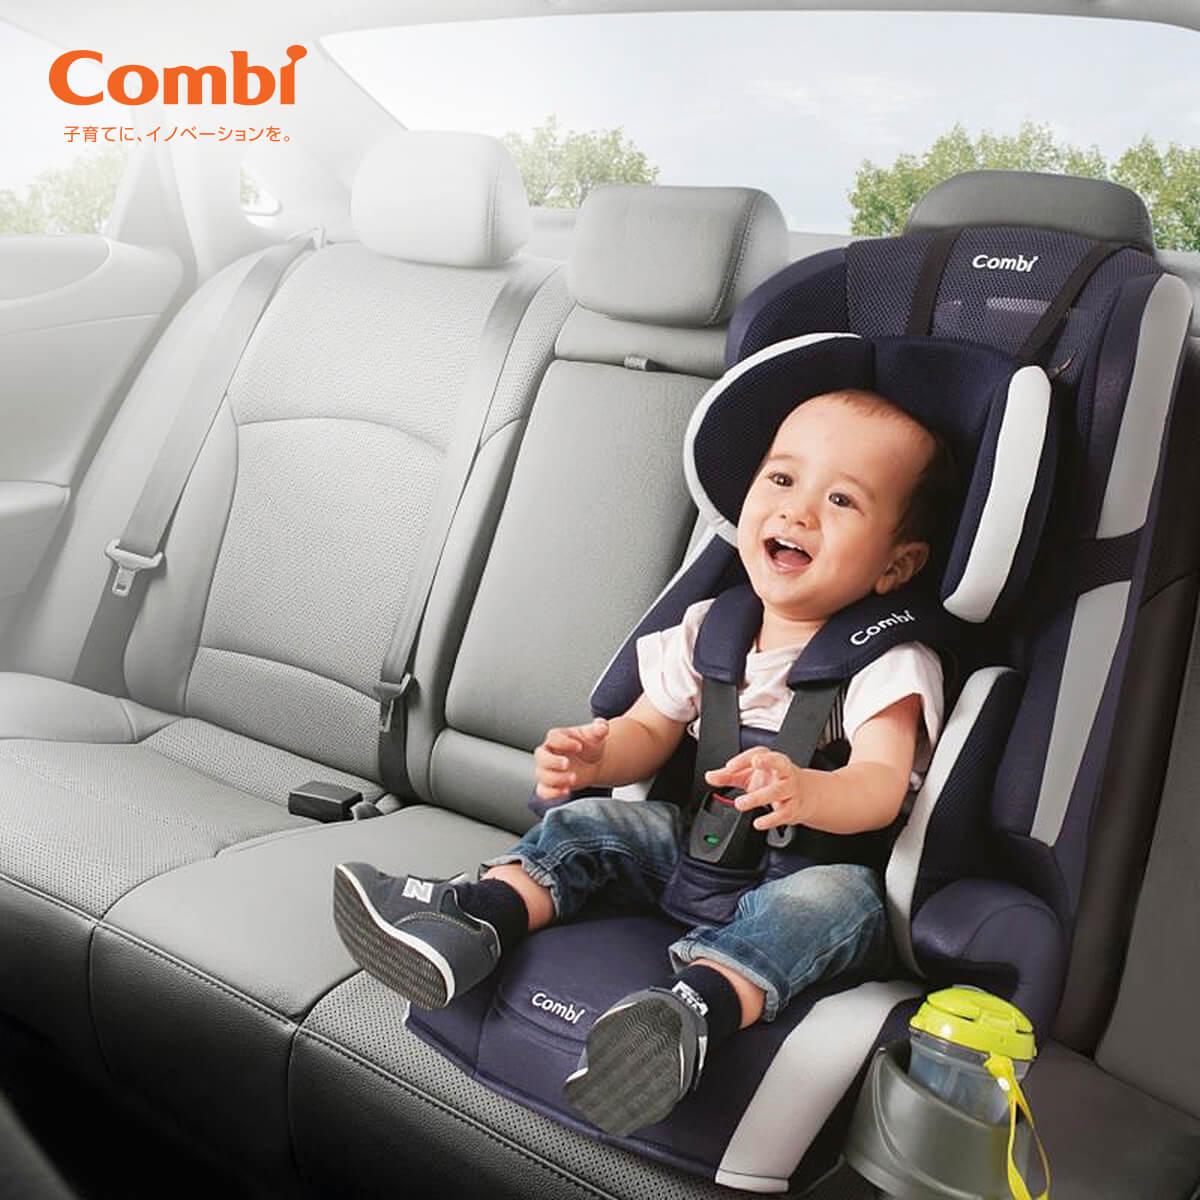 Ghế ngồi ô tô Combi Joytrip Plus màu xanh navy